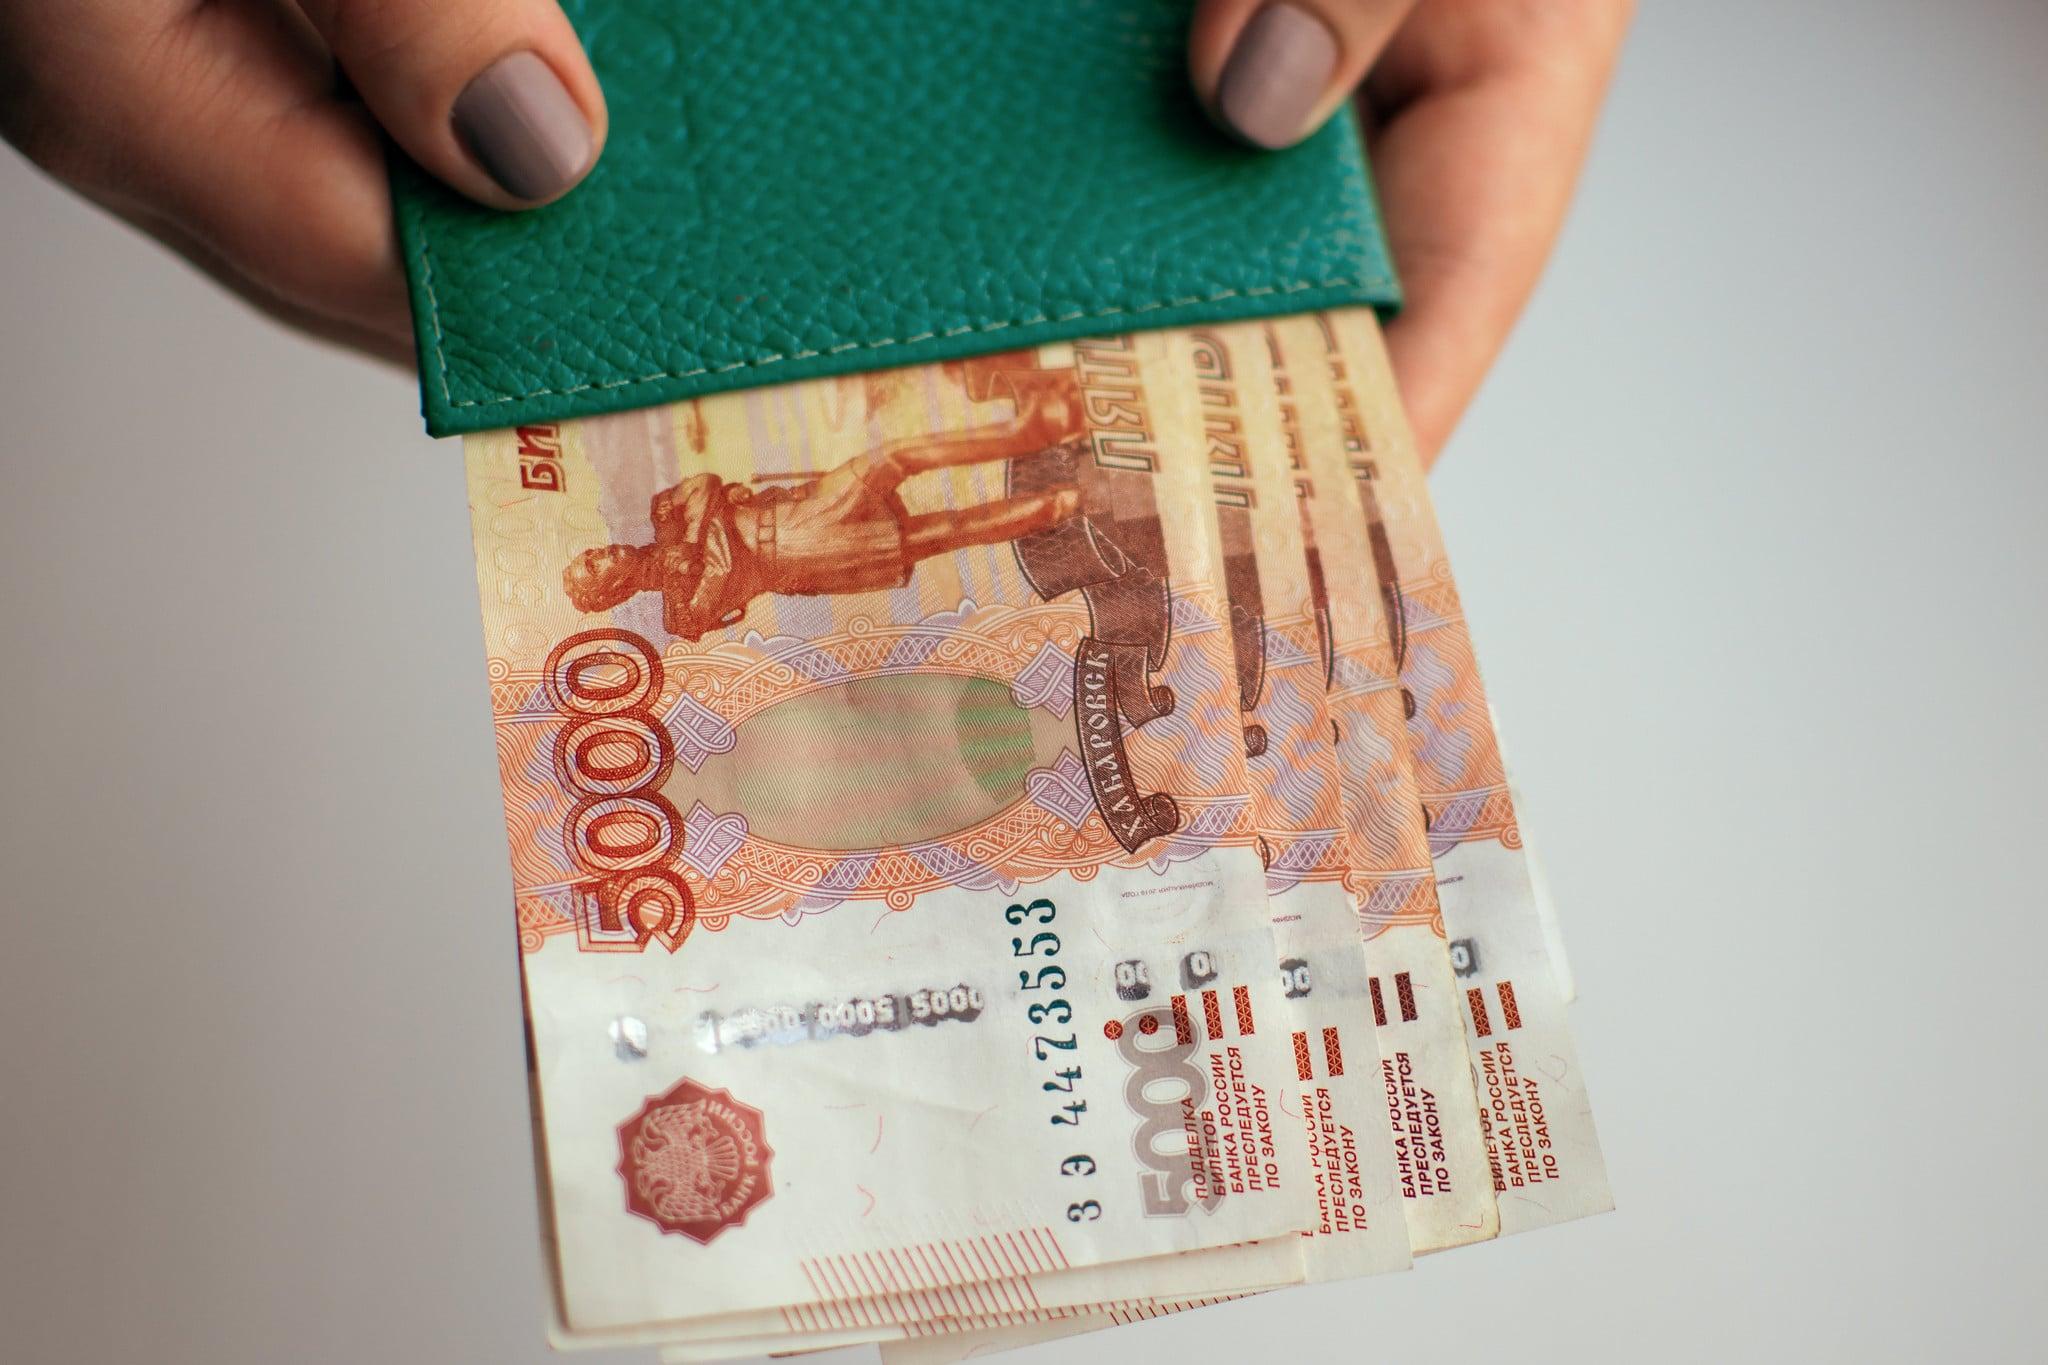 Многодетным семьям дадут деньги вместо бесплатной земли, а детям-сиротам – по 1,5 миллиона рублей на жилье